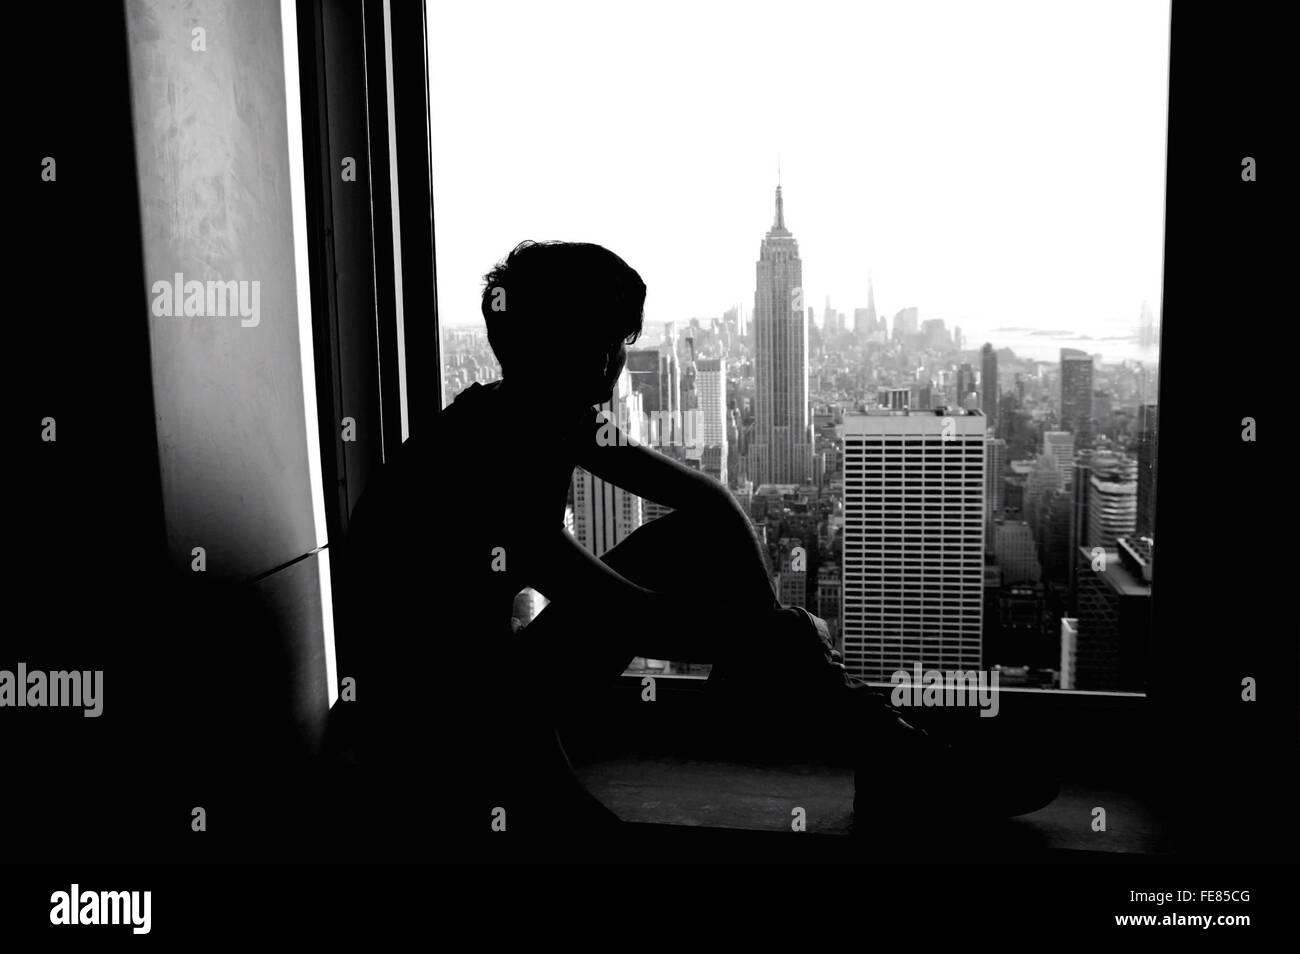 Silueta de relajado hombre mirando los edificios Imagen De Stock